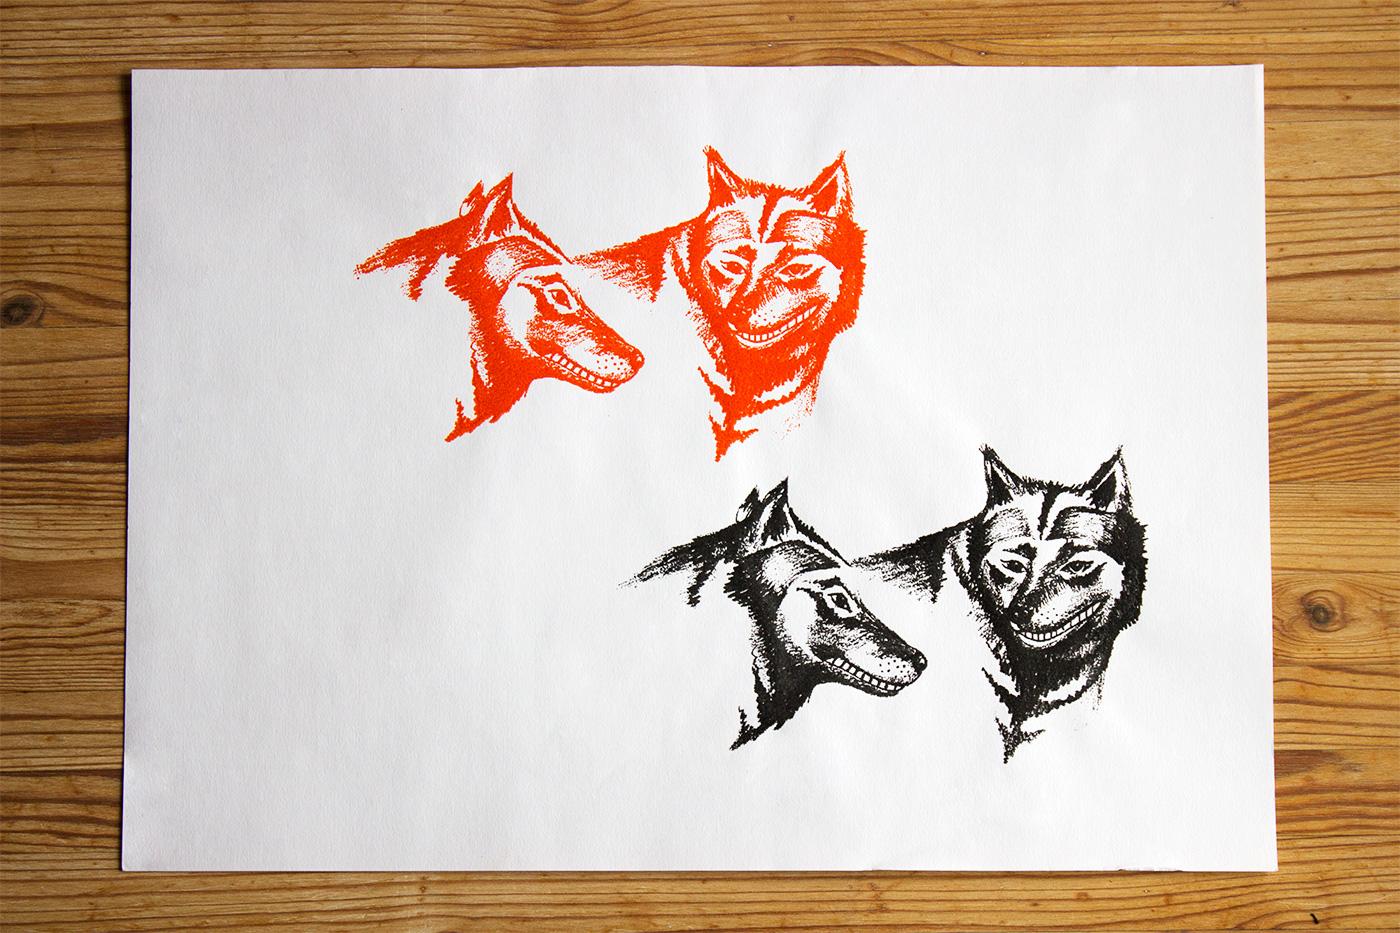 kunsttryk, silketryk, dyr, grafiske, dyreliv, humor, sorte, røde, blæk, papir, sjove, dekorative, interiør, bolig-indretning, Køb original kunst og kunstplakater. Malerier, tegninger, limited edition kunsttryk & plakater af dygtige kunstnere.